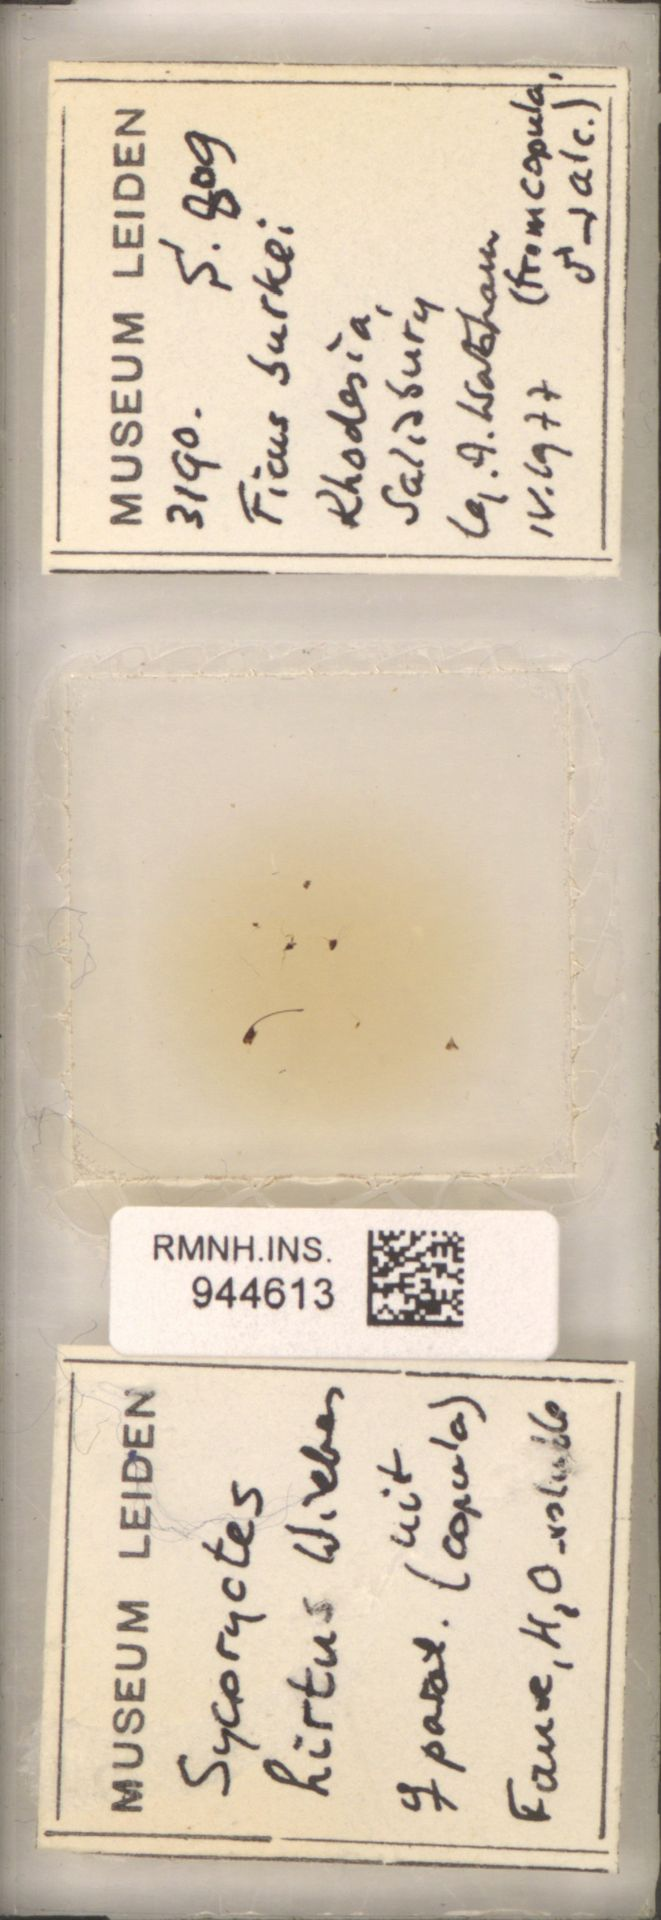 RMNH.INS.944613 | Sycoryctes hirtus Wiebes